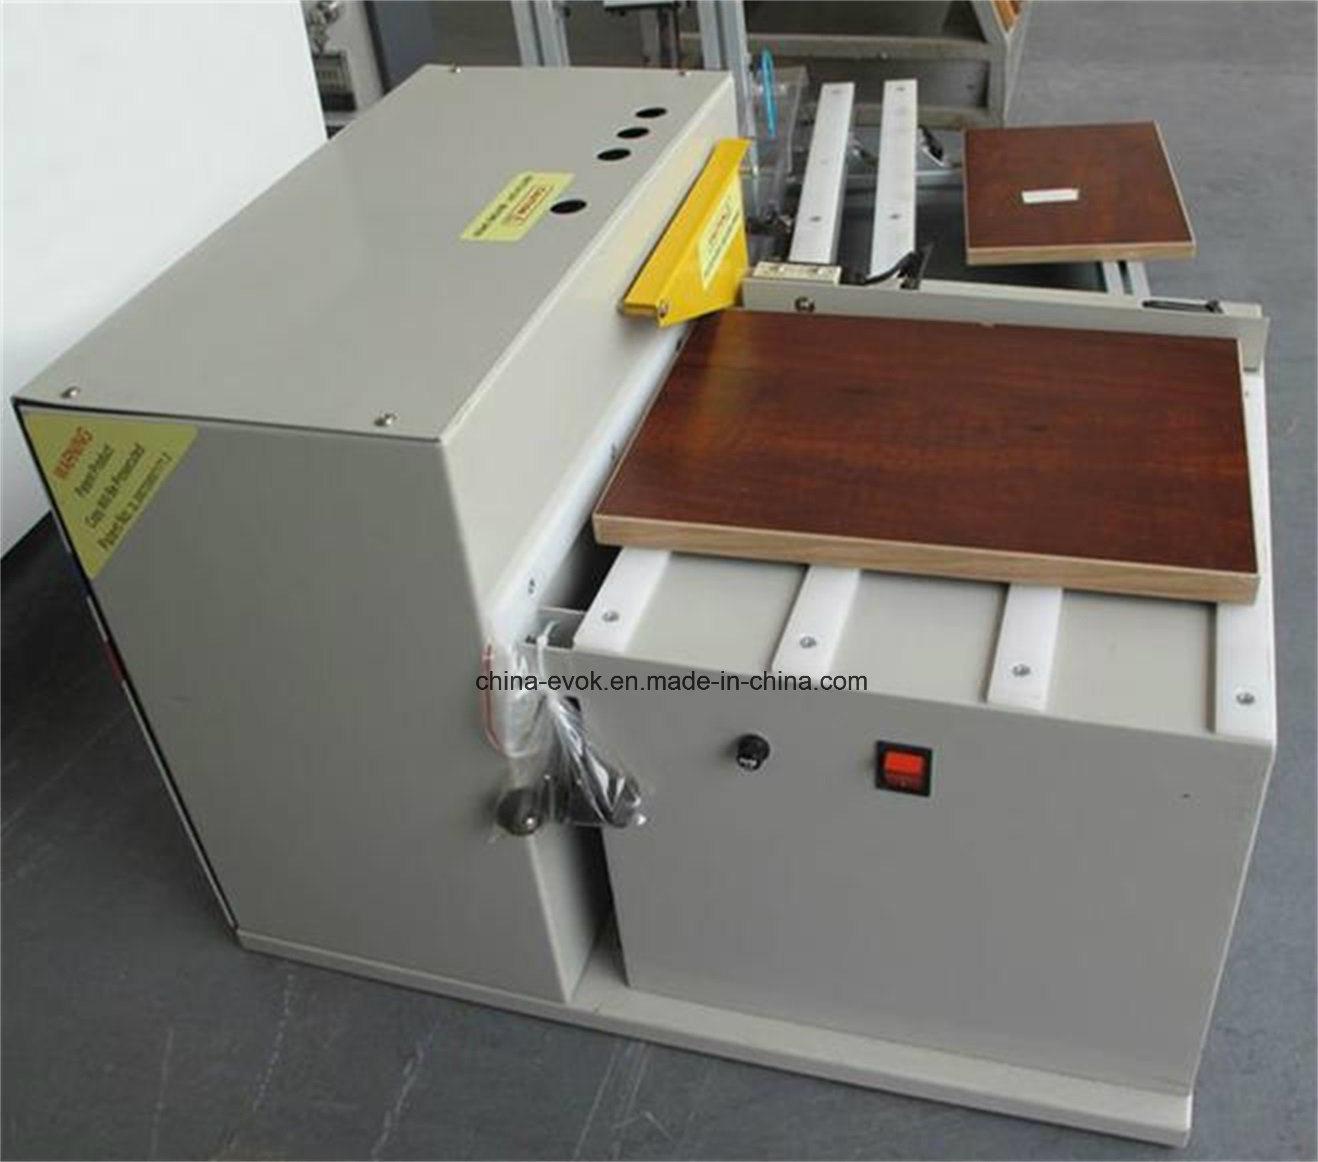 Wood Corner Rounding Machine Tc-858